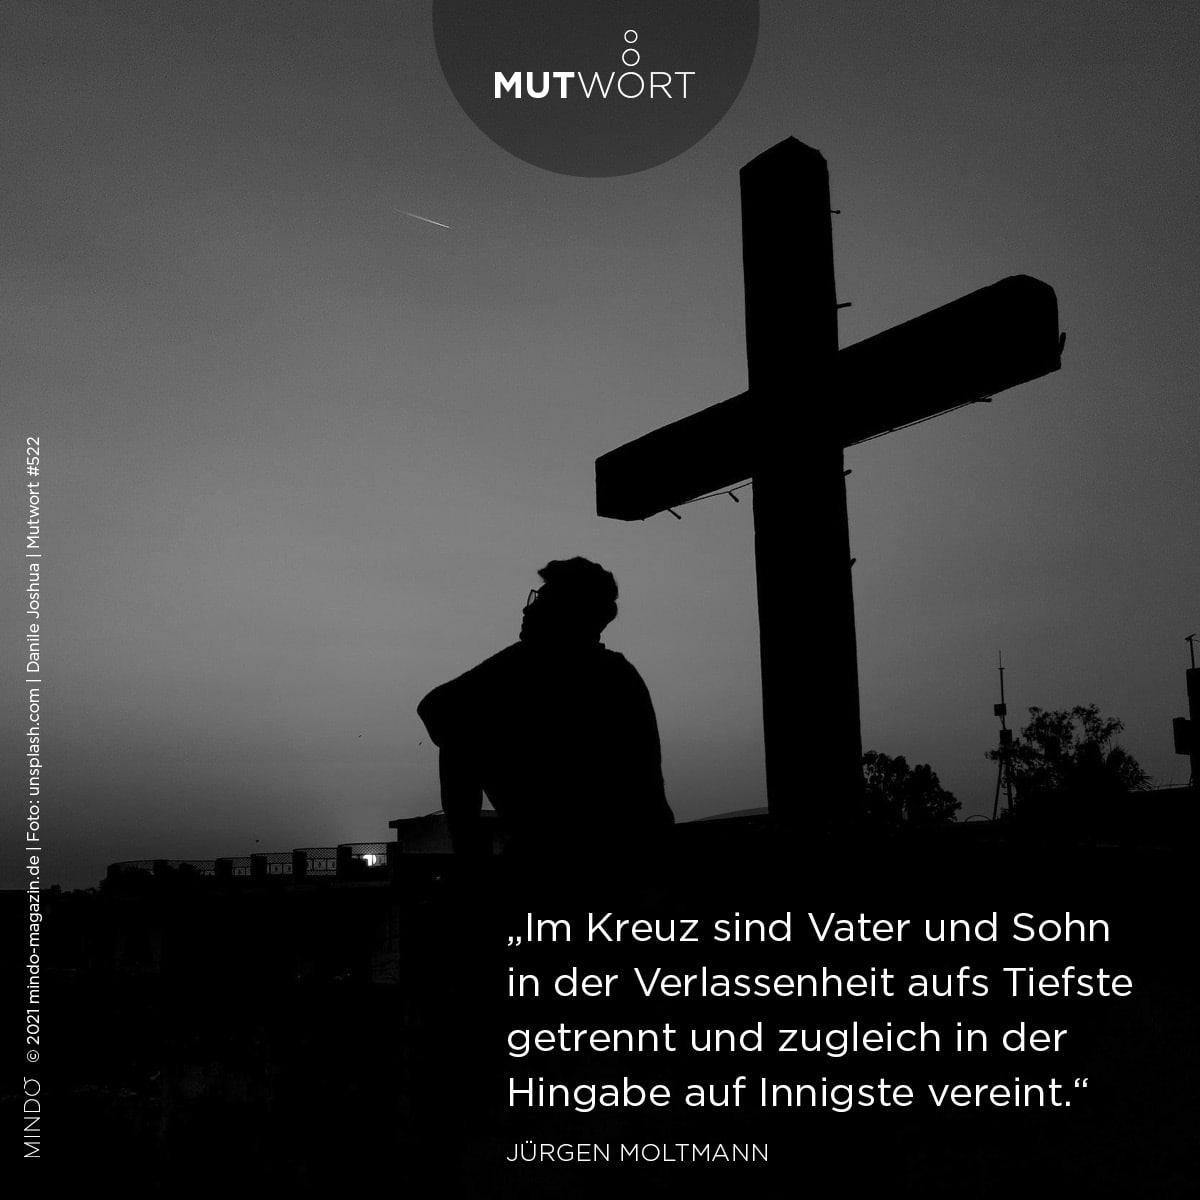 """Mutwort 522: """"Im Kreuz sind Vater und Sohn in der Verlassenheit aufs Tiefste getrennt und zugleich in der Hingabe auf Innigste vereint."""" – Jürgen Moltmann"""